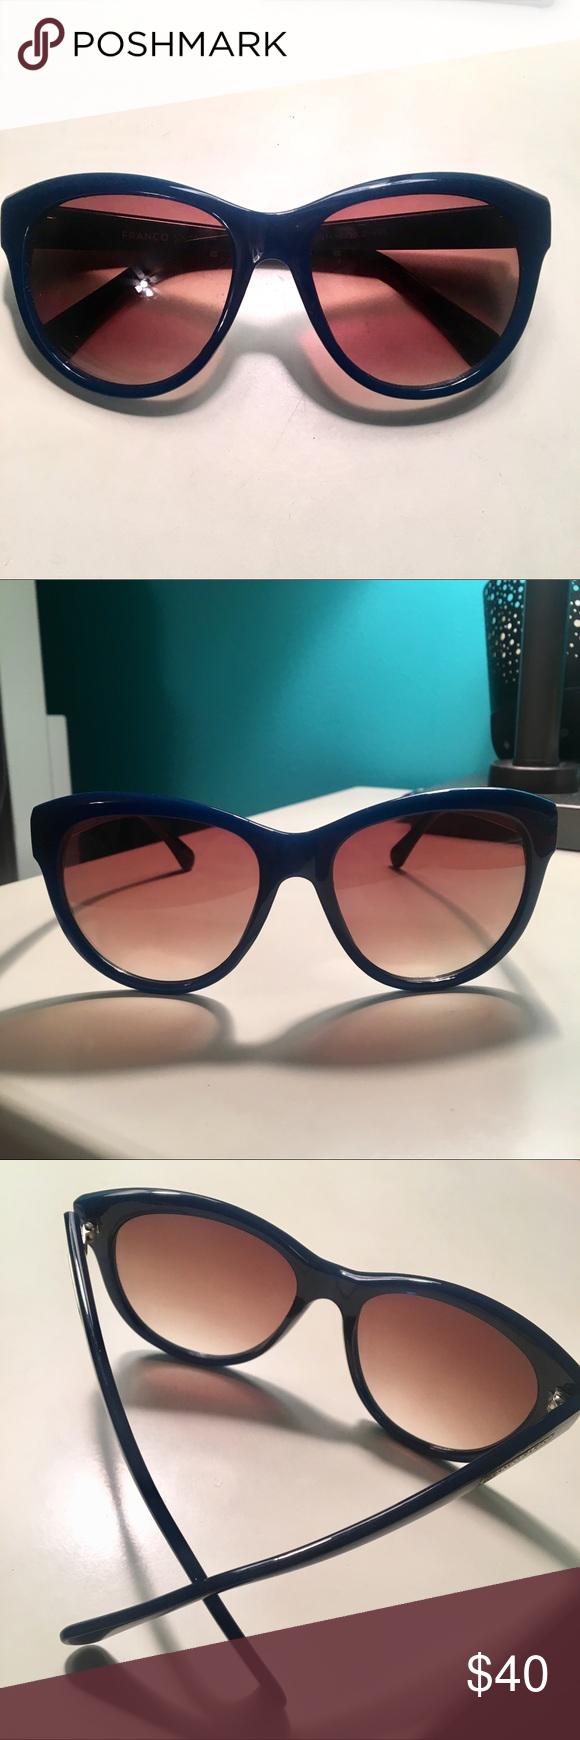 7bea690280aa Franco Sarto Sunglasses Oversize Sunglasses 😎 Franco Sarto Accessories  Sunglasses